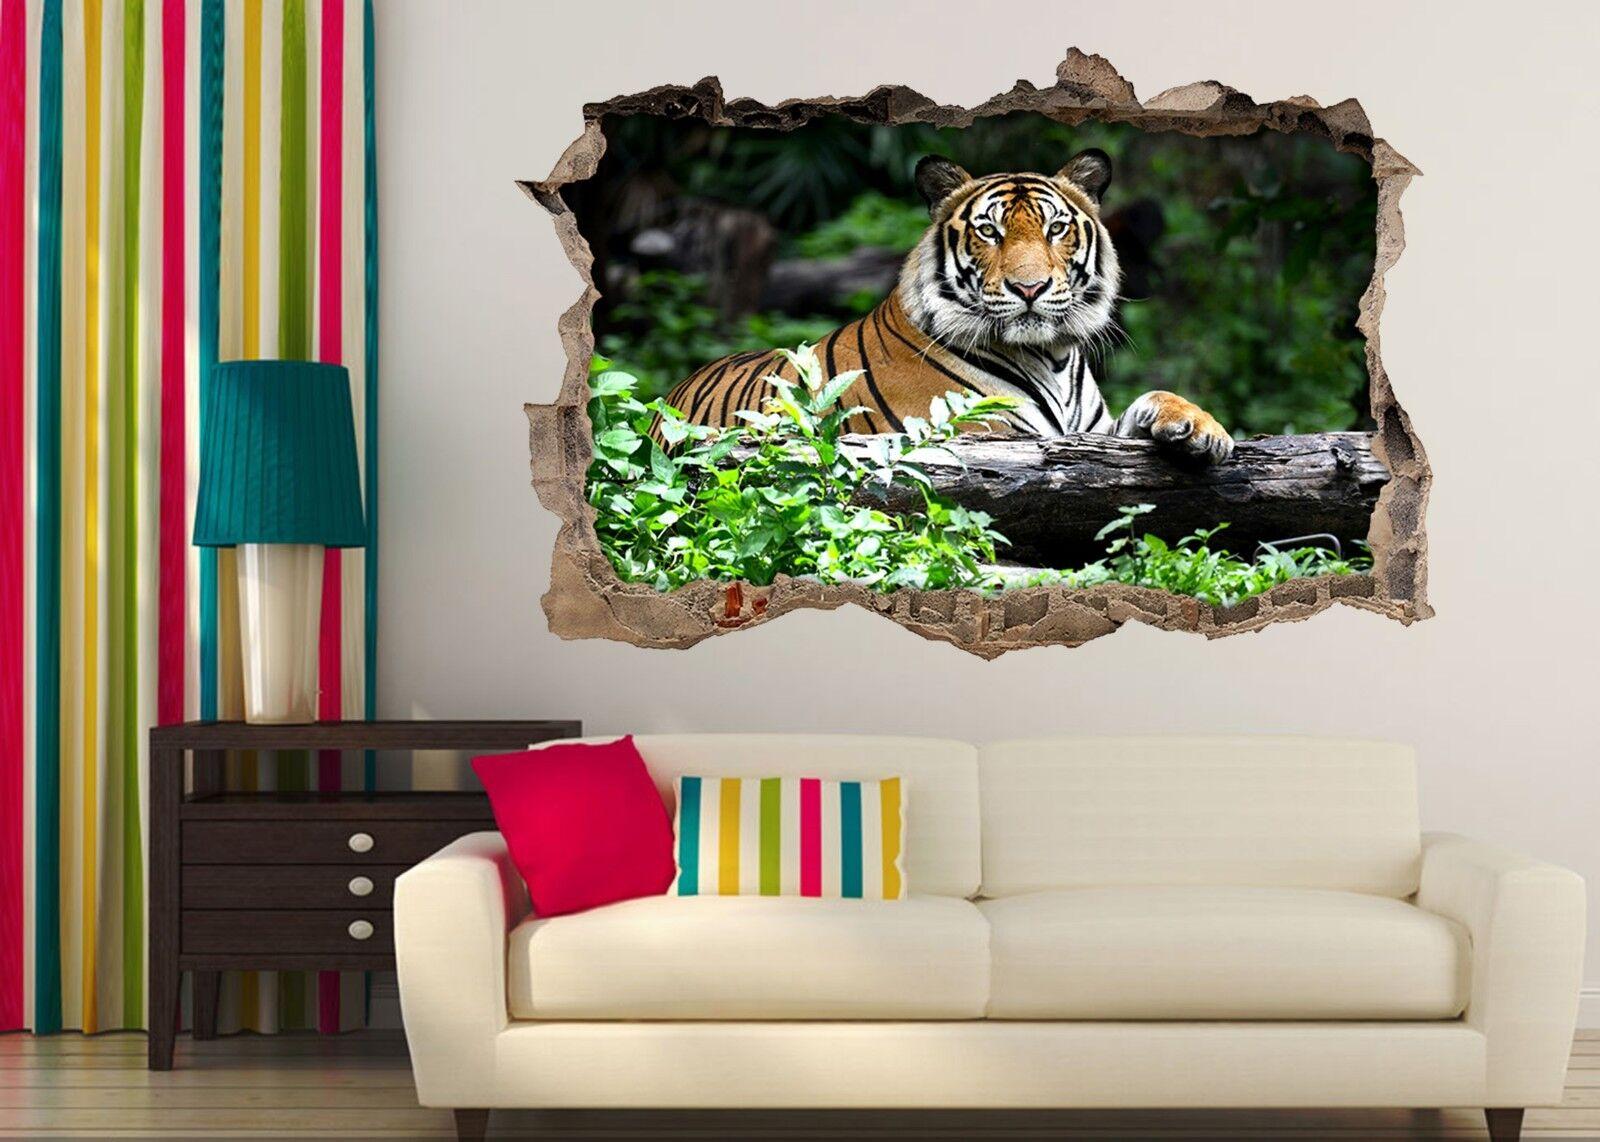 3D Ruhender Tiger 3 Mauer Murals Mauer Aufklebe Decal Durchbruch AJ WALLPAPER DE